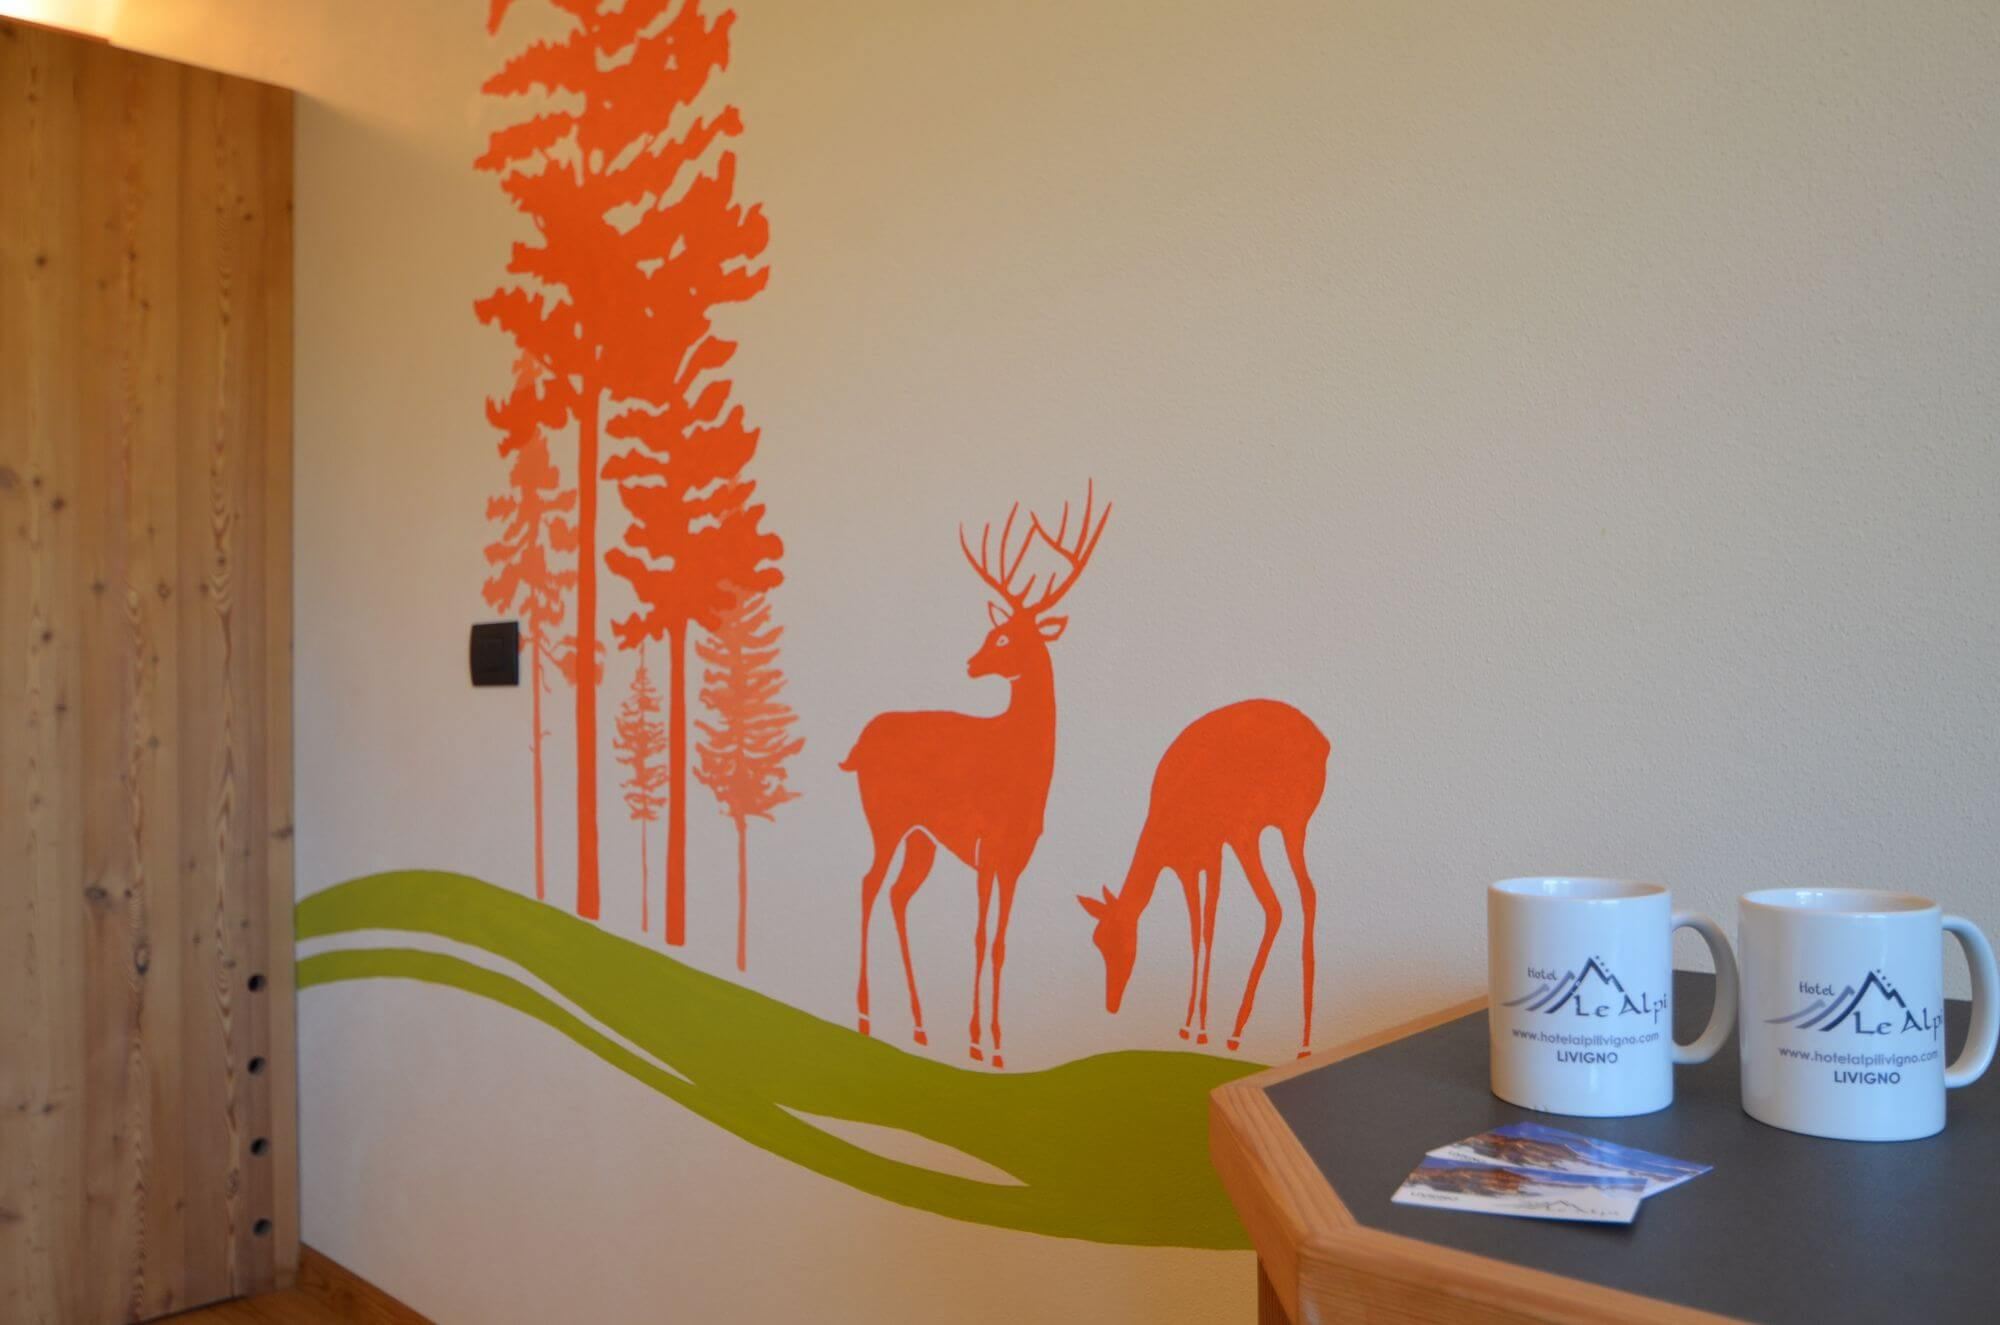 Decorazioni con temi di montagna: Hotel Le Alpi a Livigno